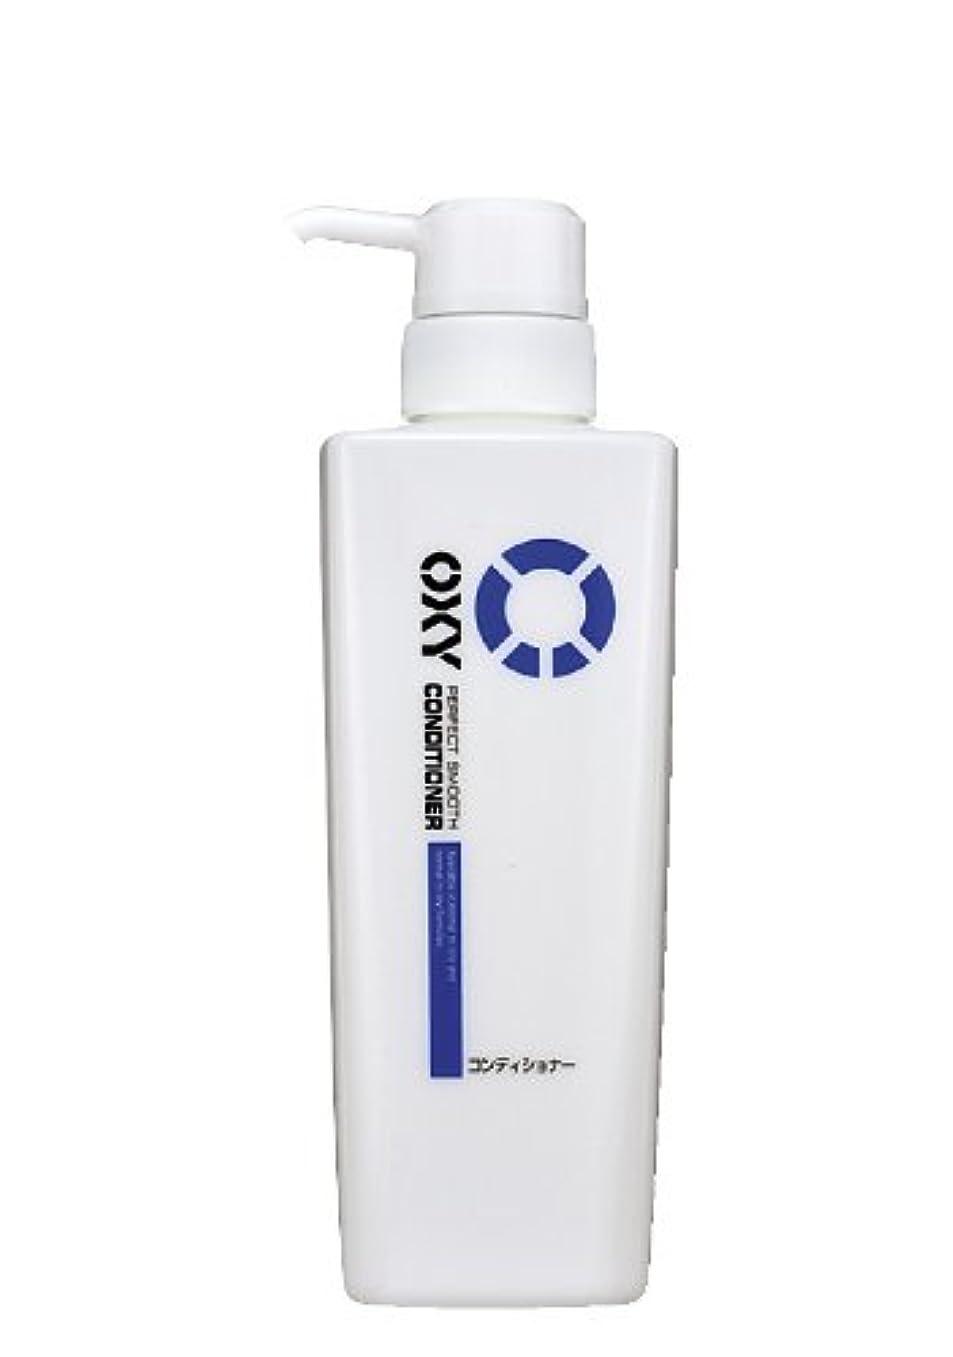 コードレス小麦粉衝動Oxy(オキシー) パーフェクトスムースコンディショナー 400mL